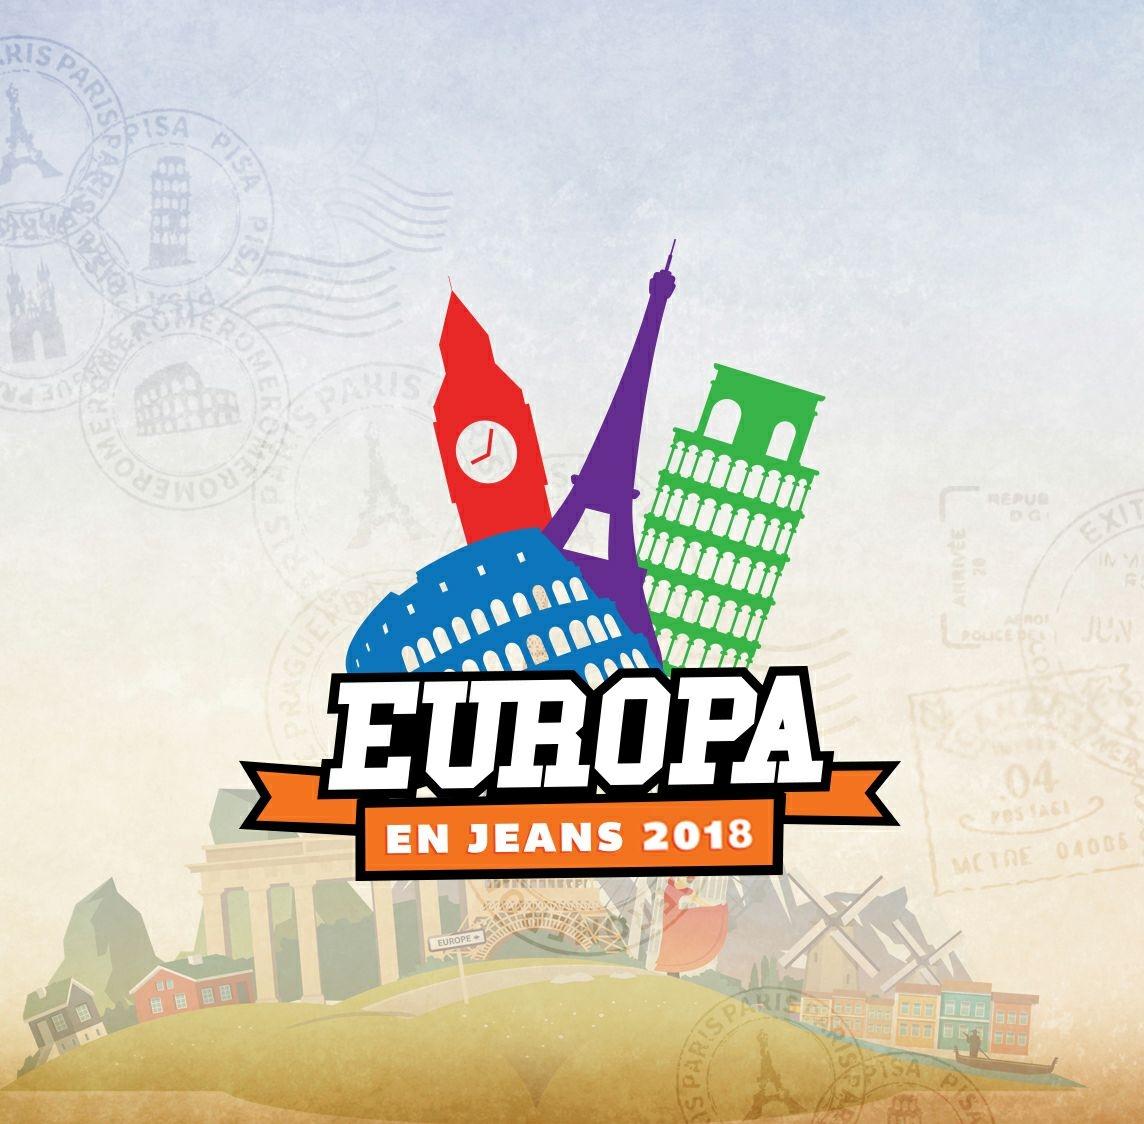 Europa en Jeans 2018